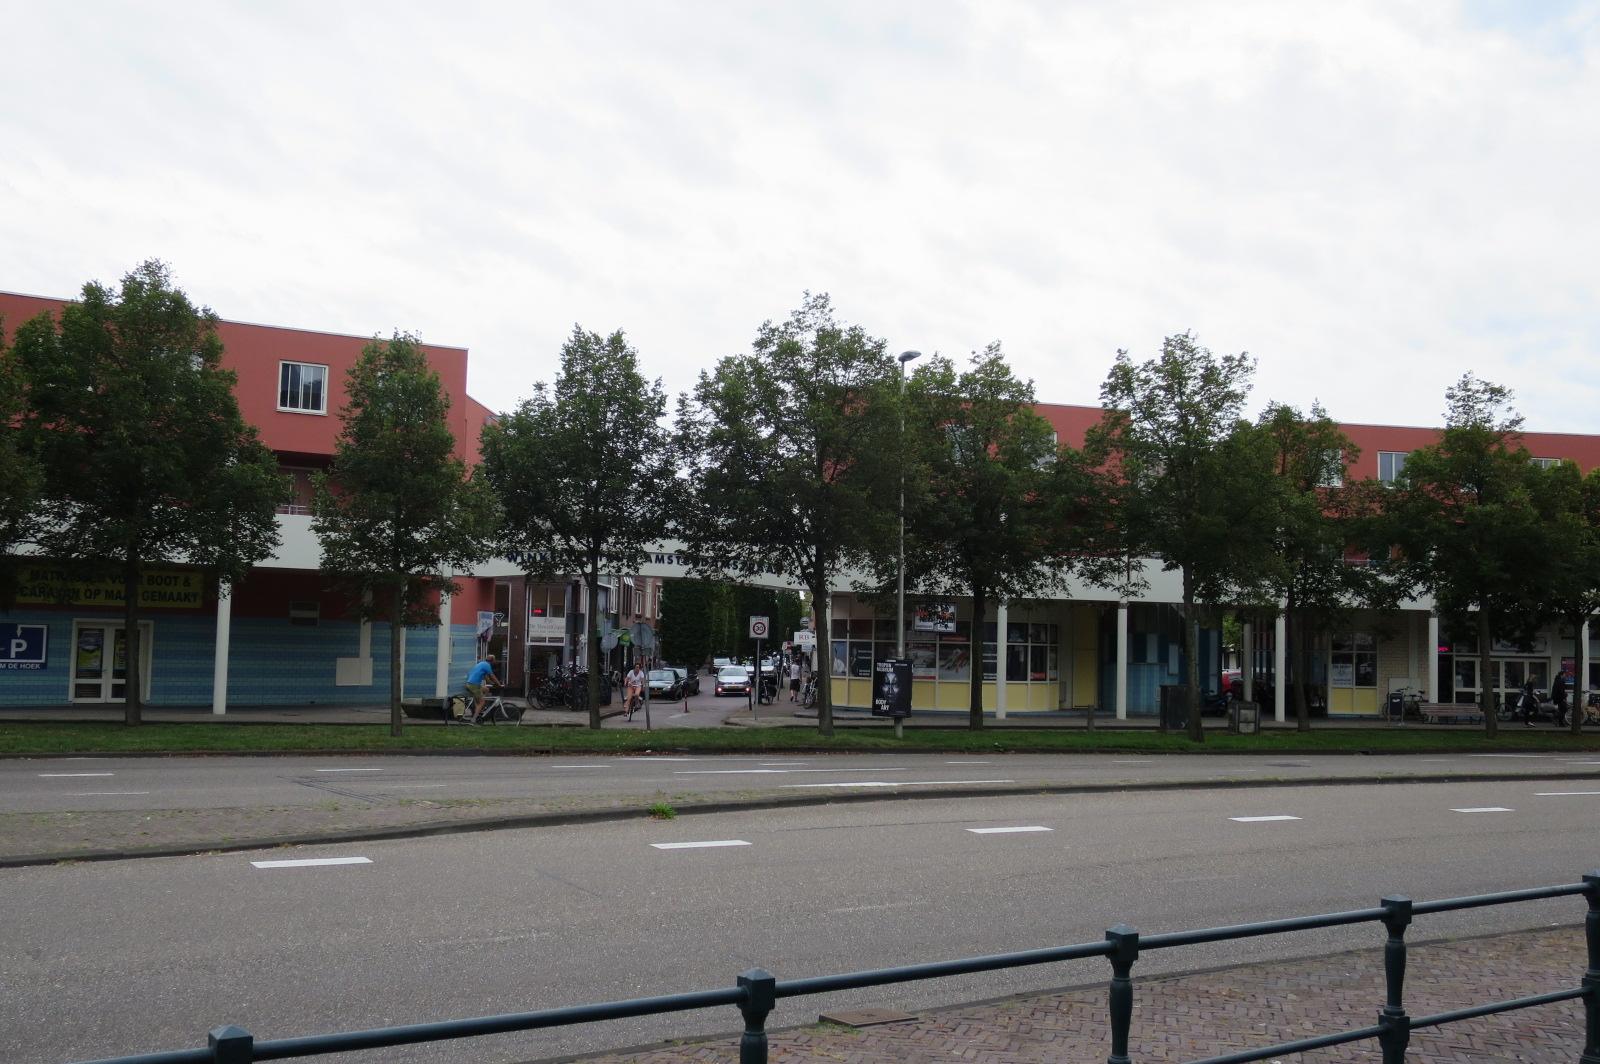 Zuidpolderstraat, Haarlem